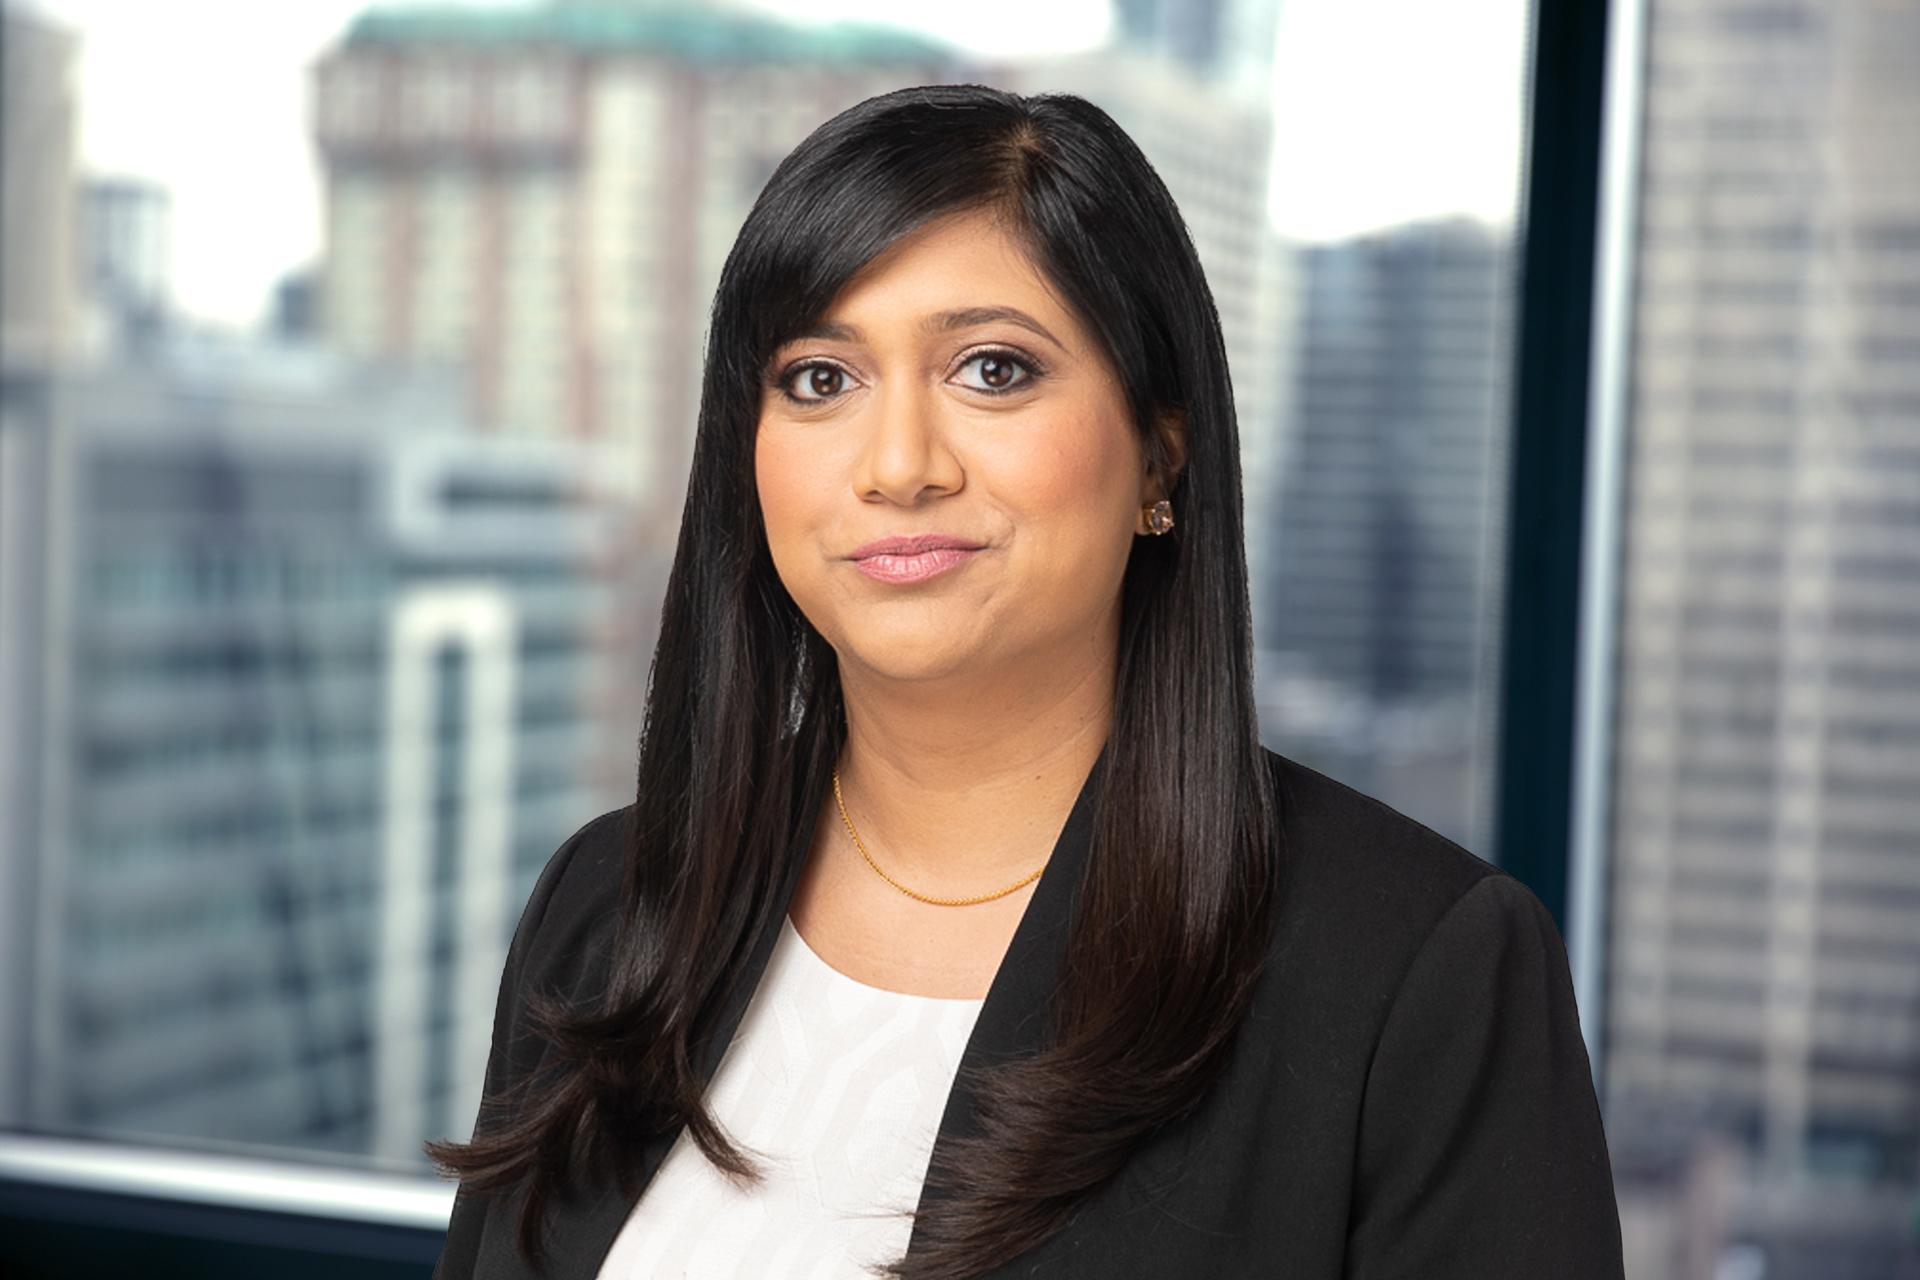 Supriya Dwivedi